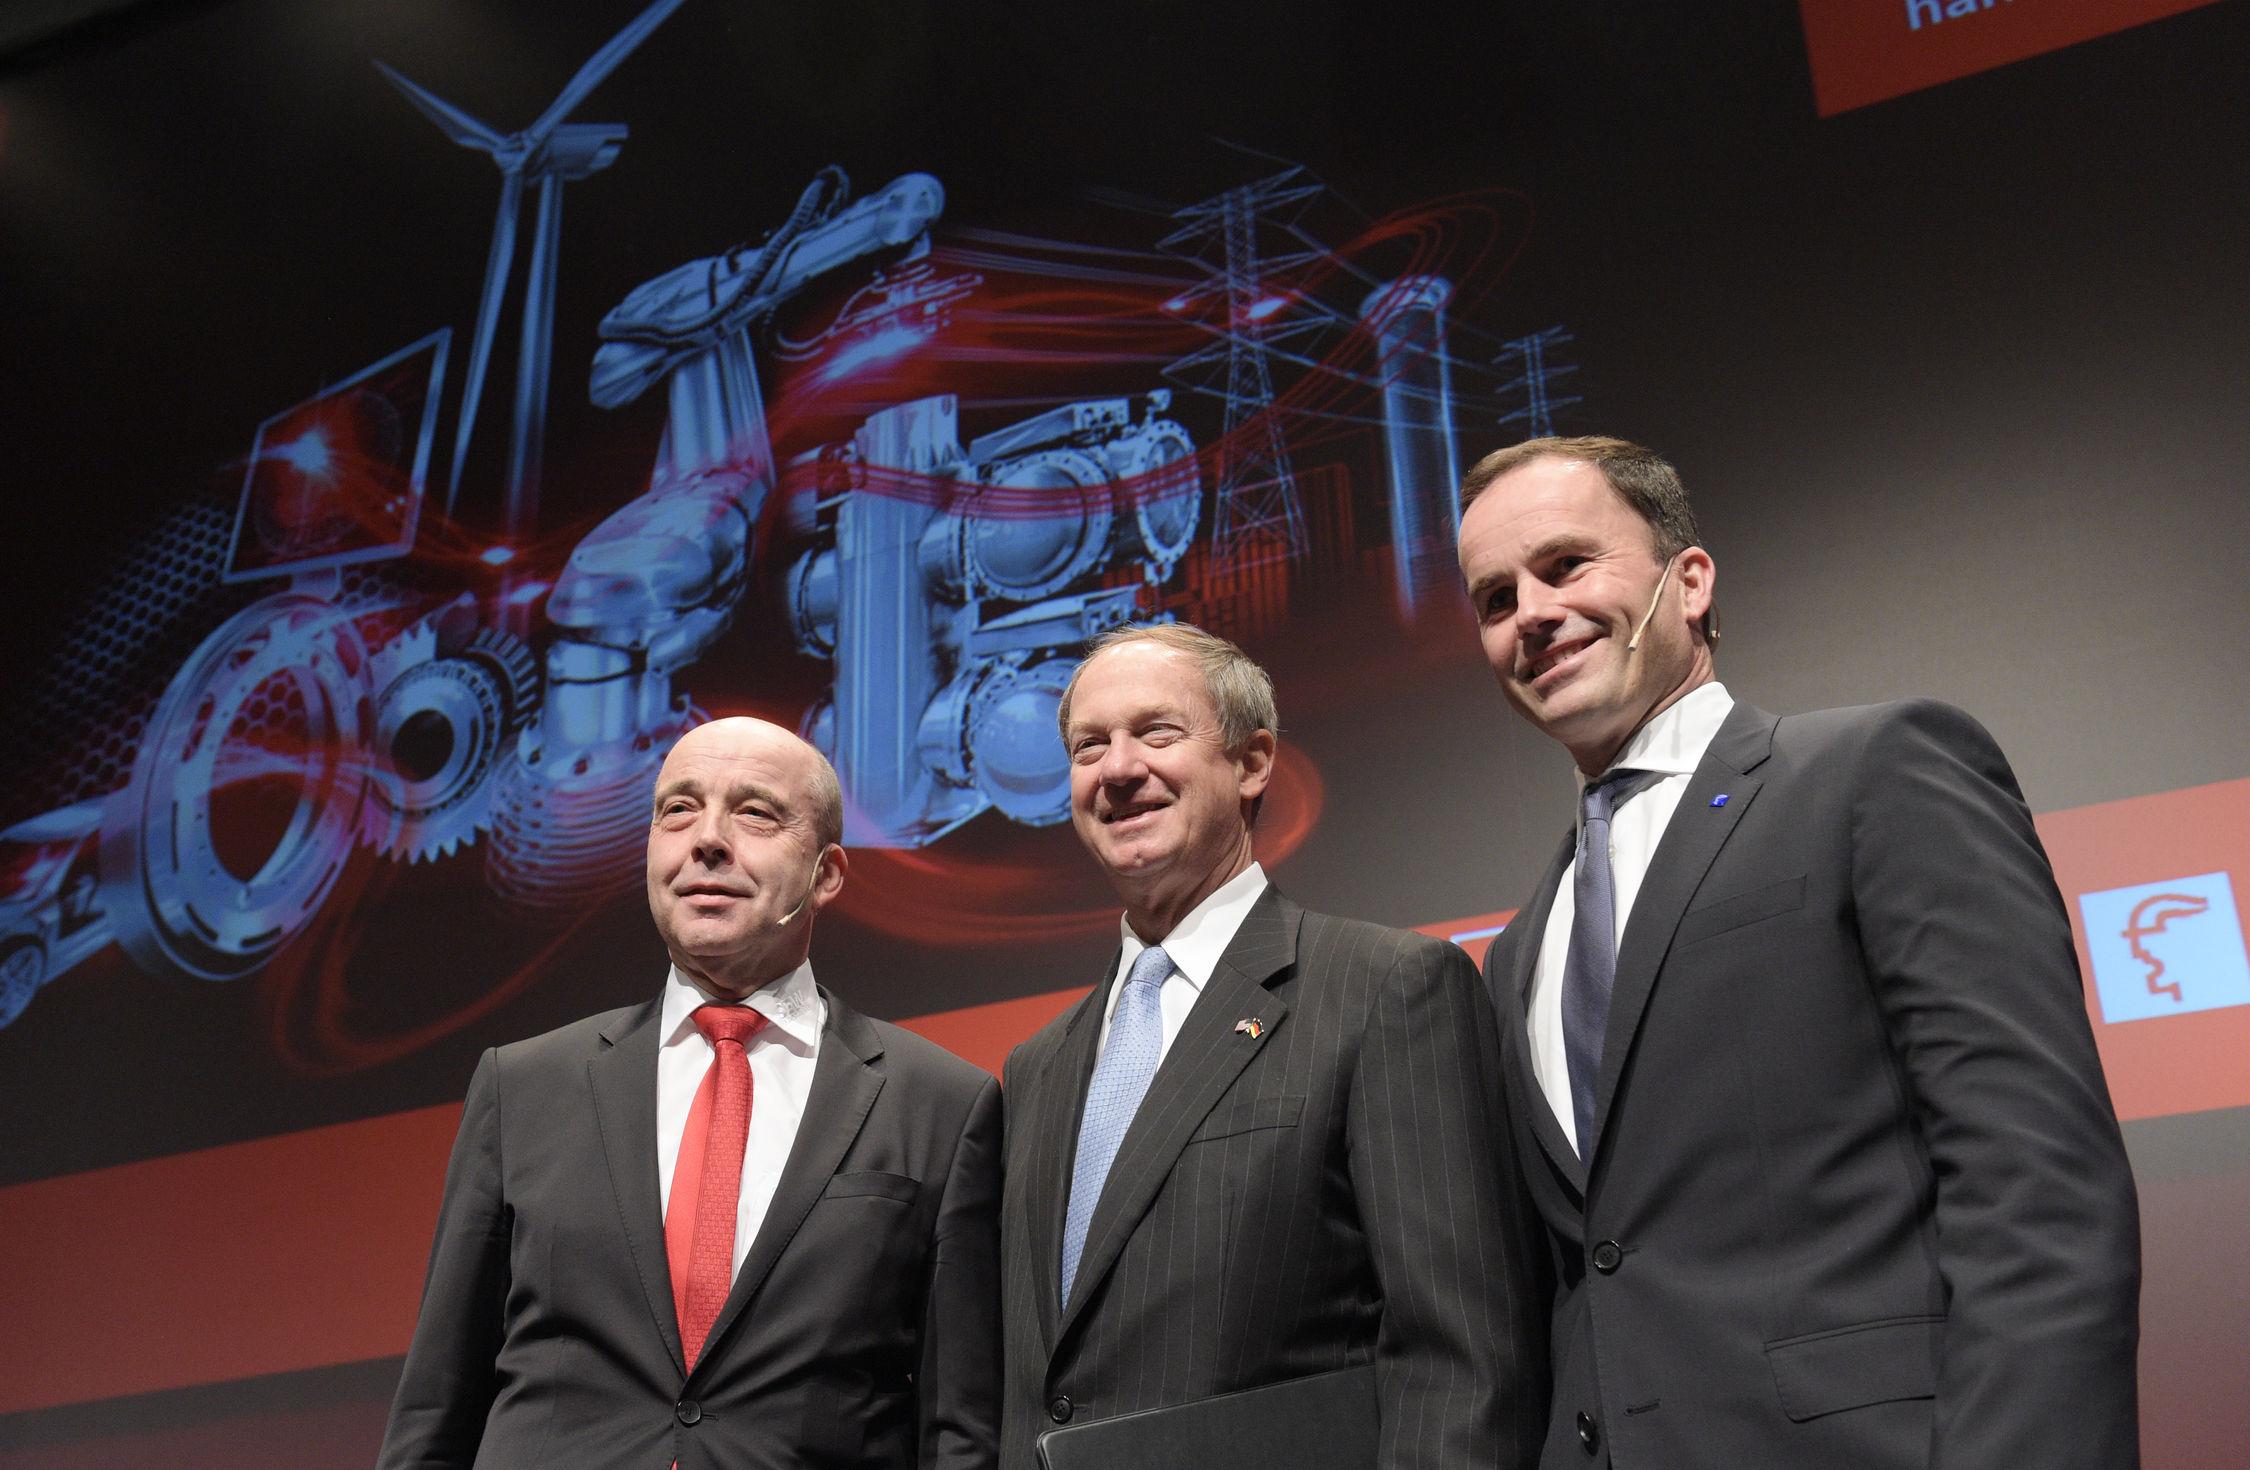 Hannover Messe nutzen, um TTIP voranzubringen